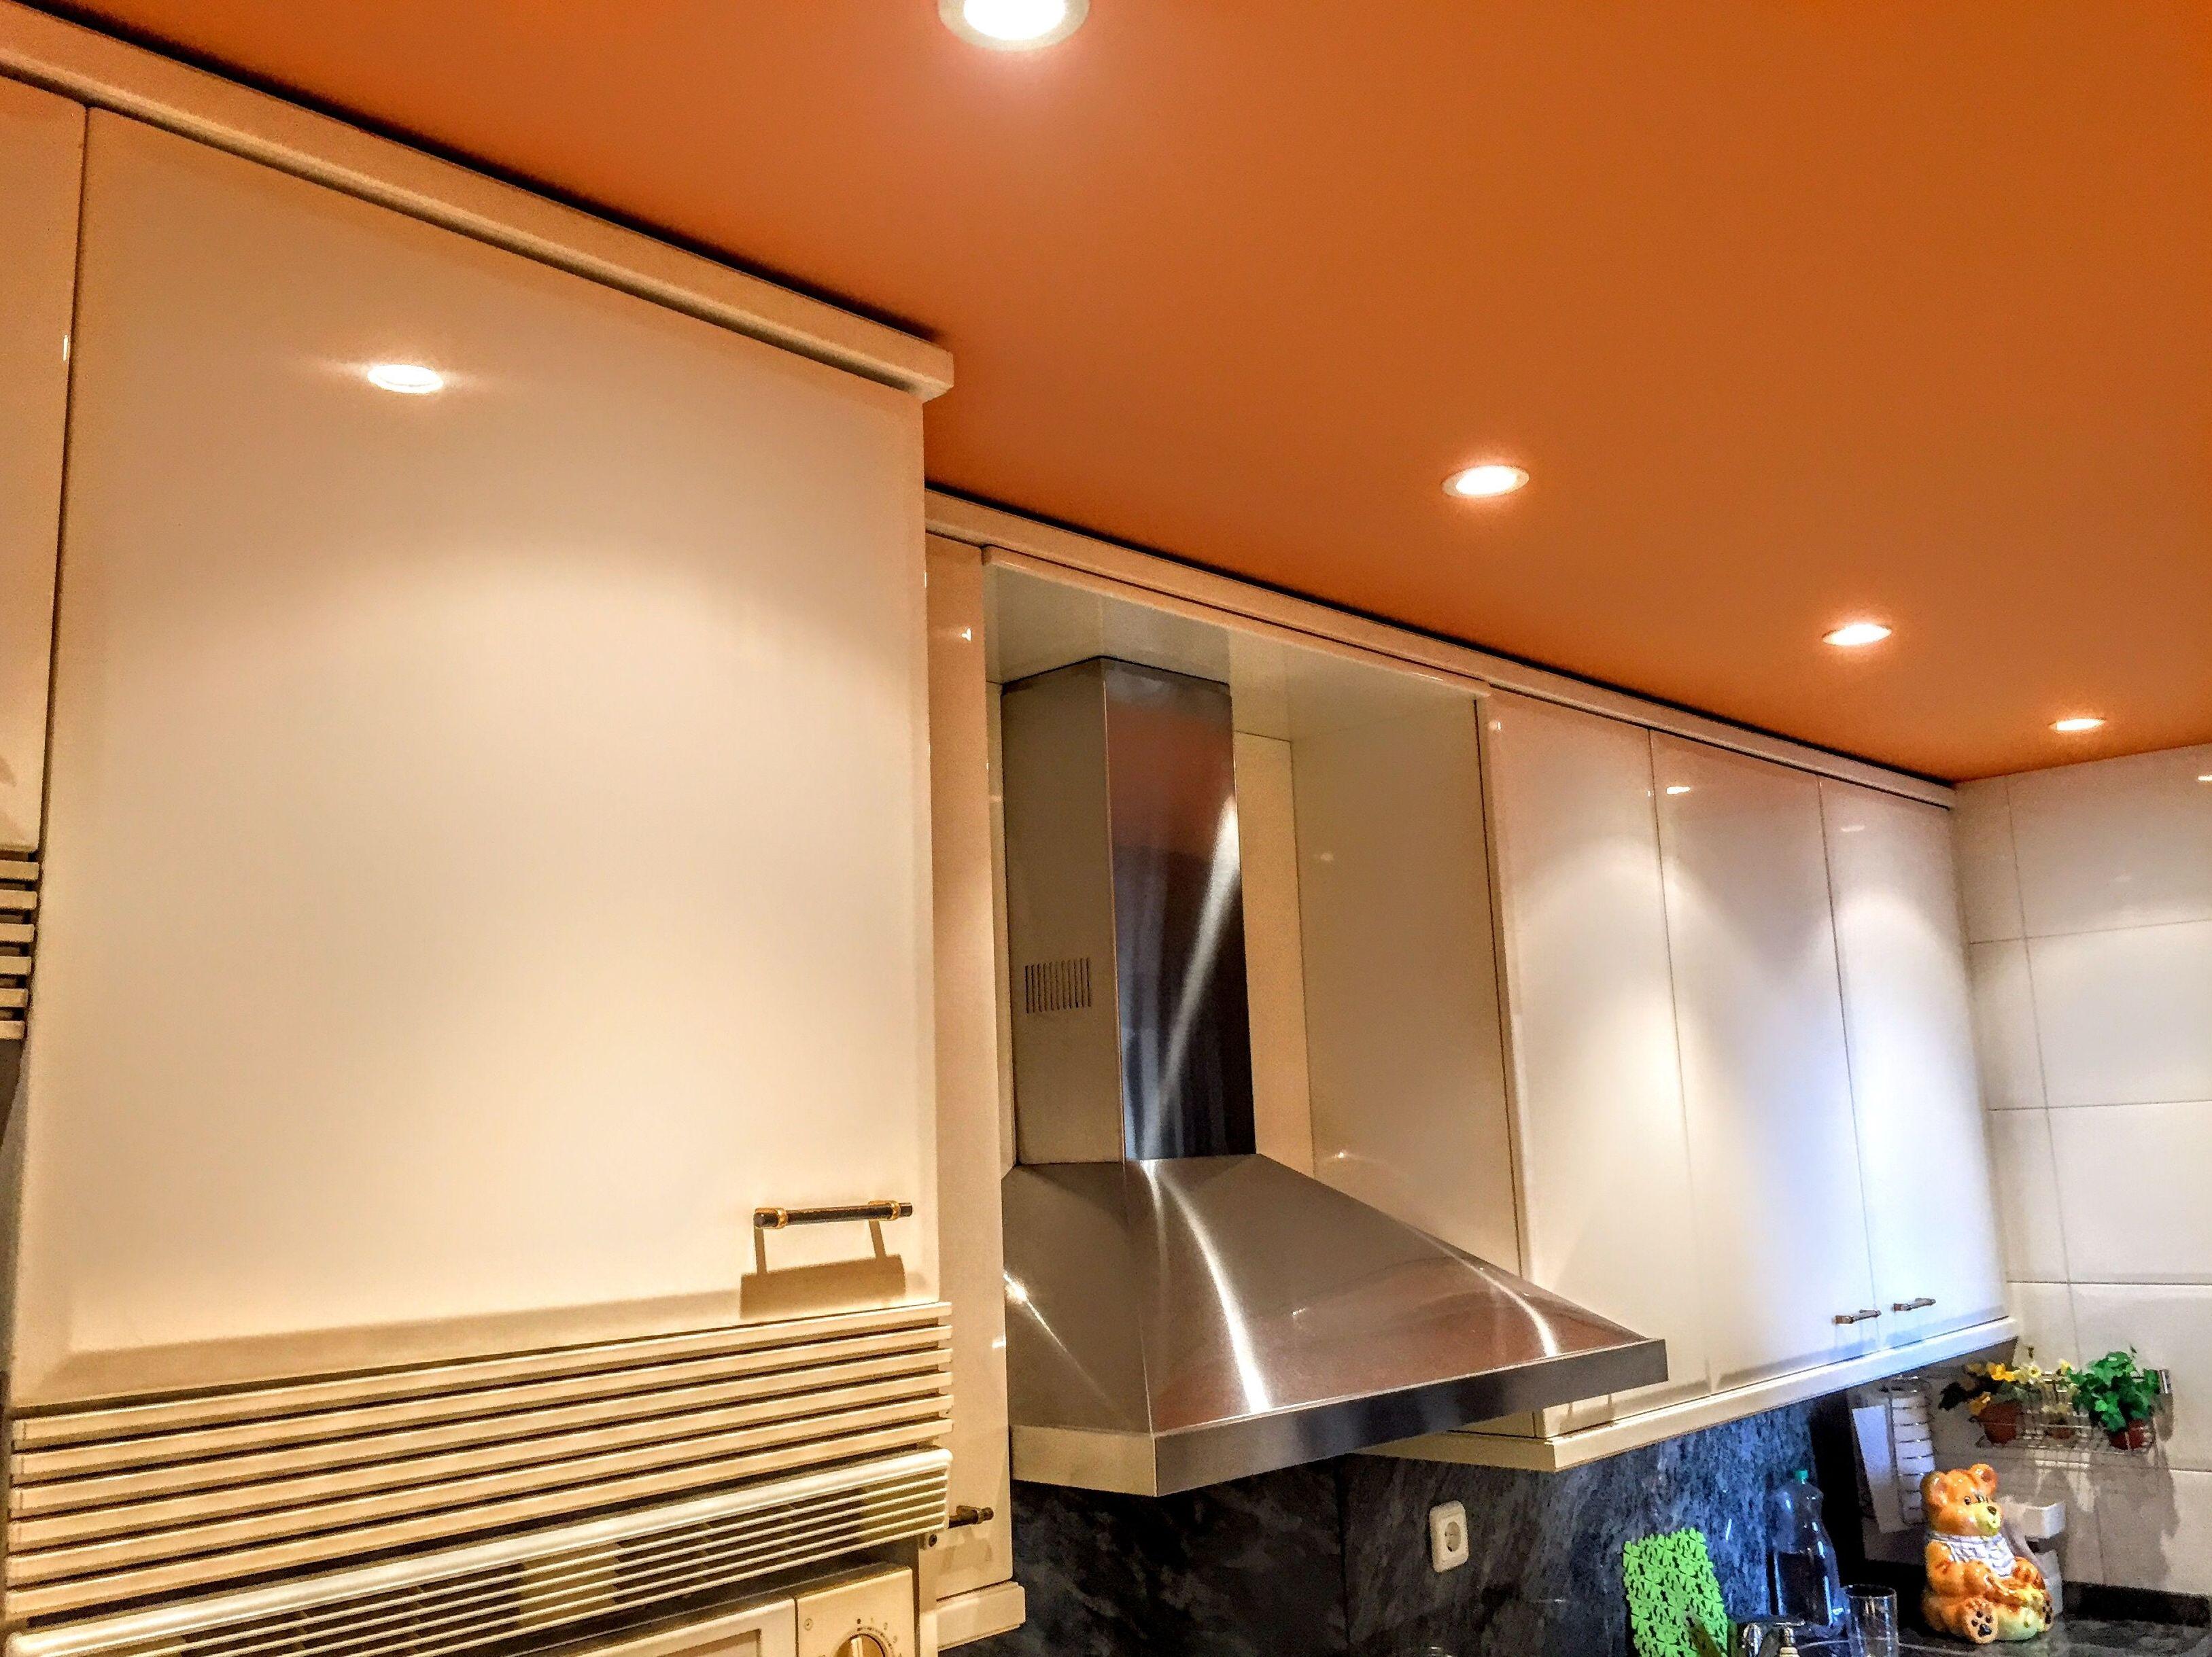 Trabajo de pintura de techo de una cocina